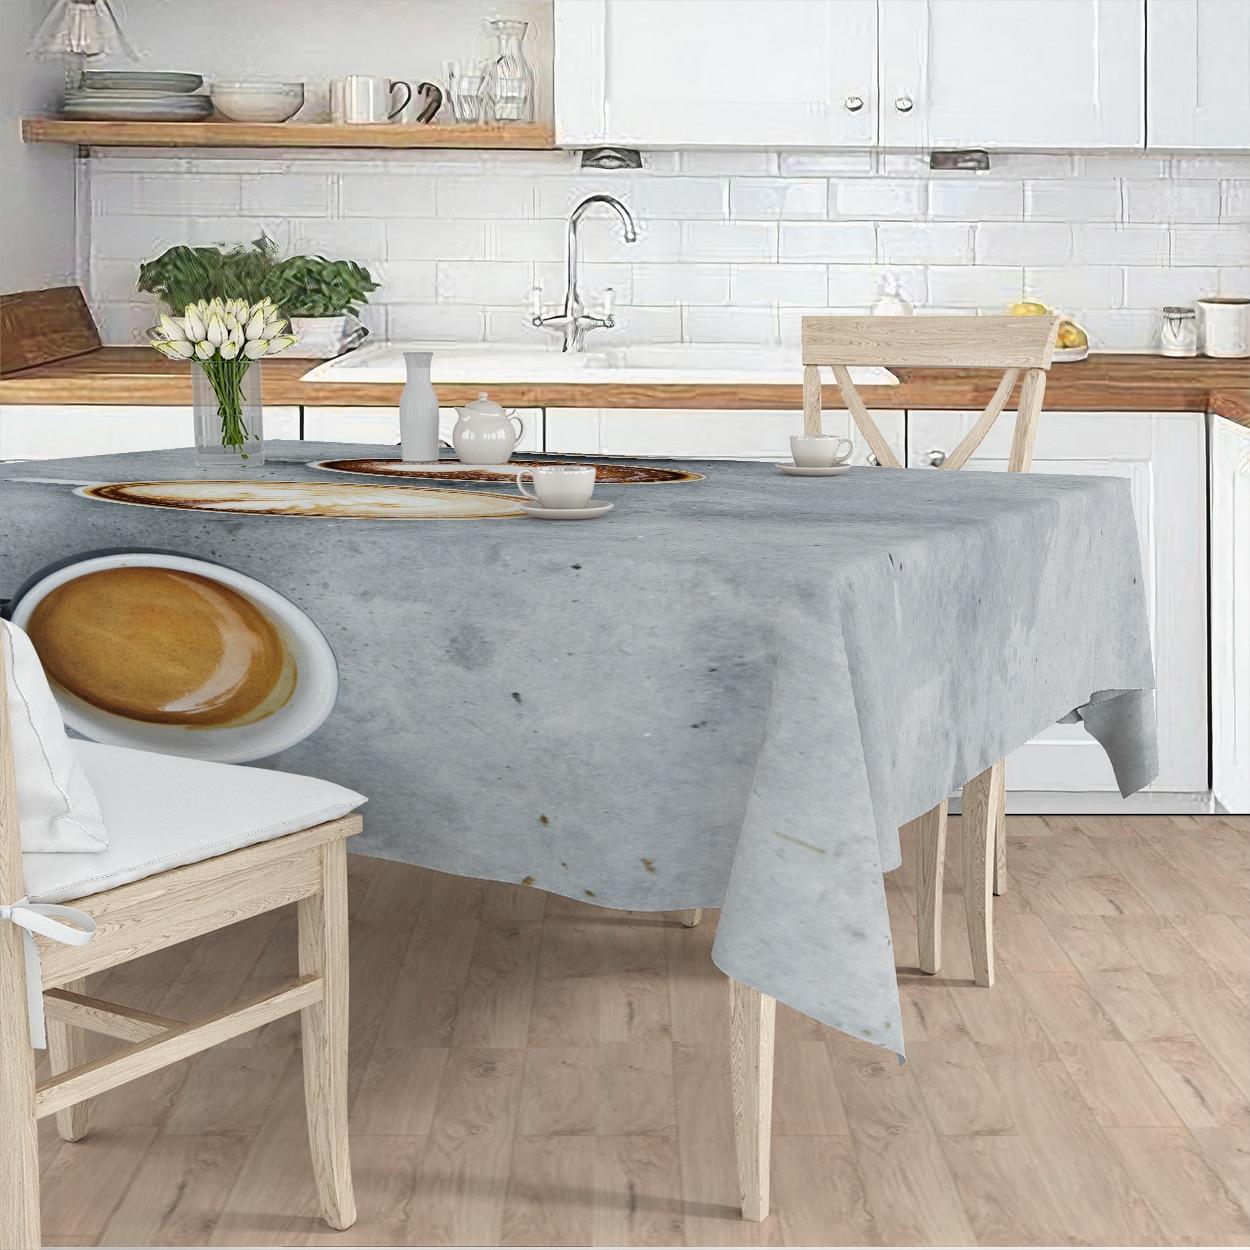 مفرش طاولة غرفة المعيشة مطبخ رمادي اللون القهوة الطعام نمط مايكرو غطاء من القماش عداء نمط شحن مجاني